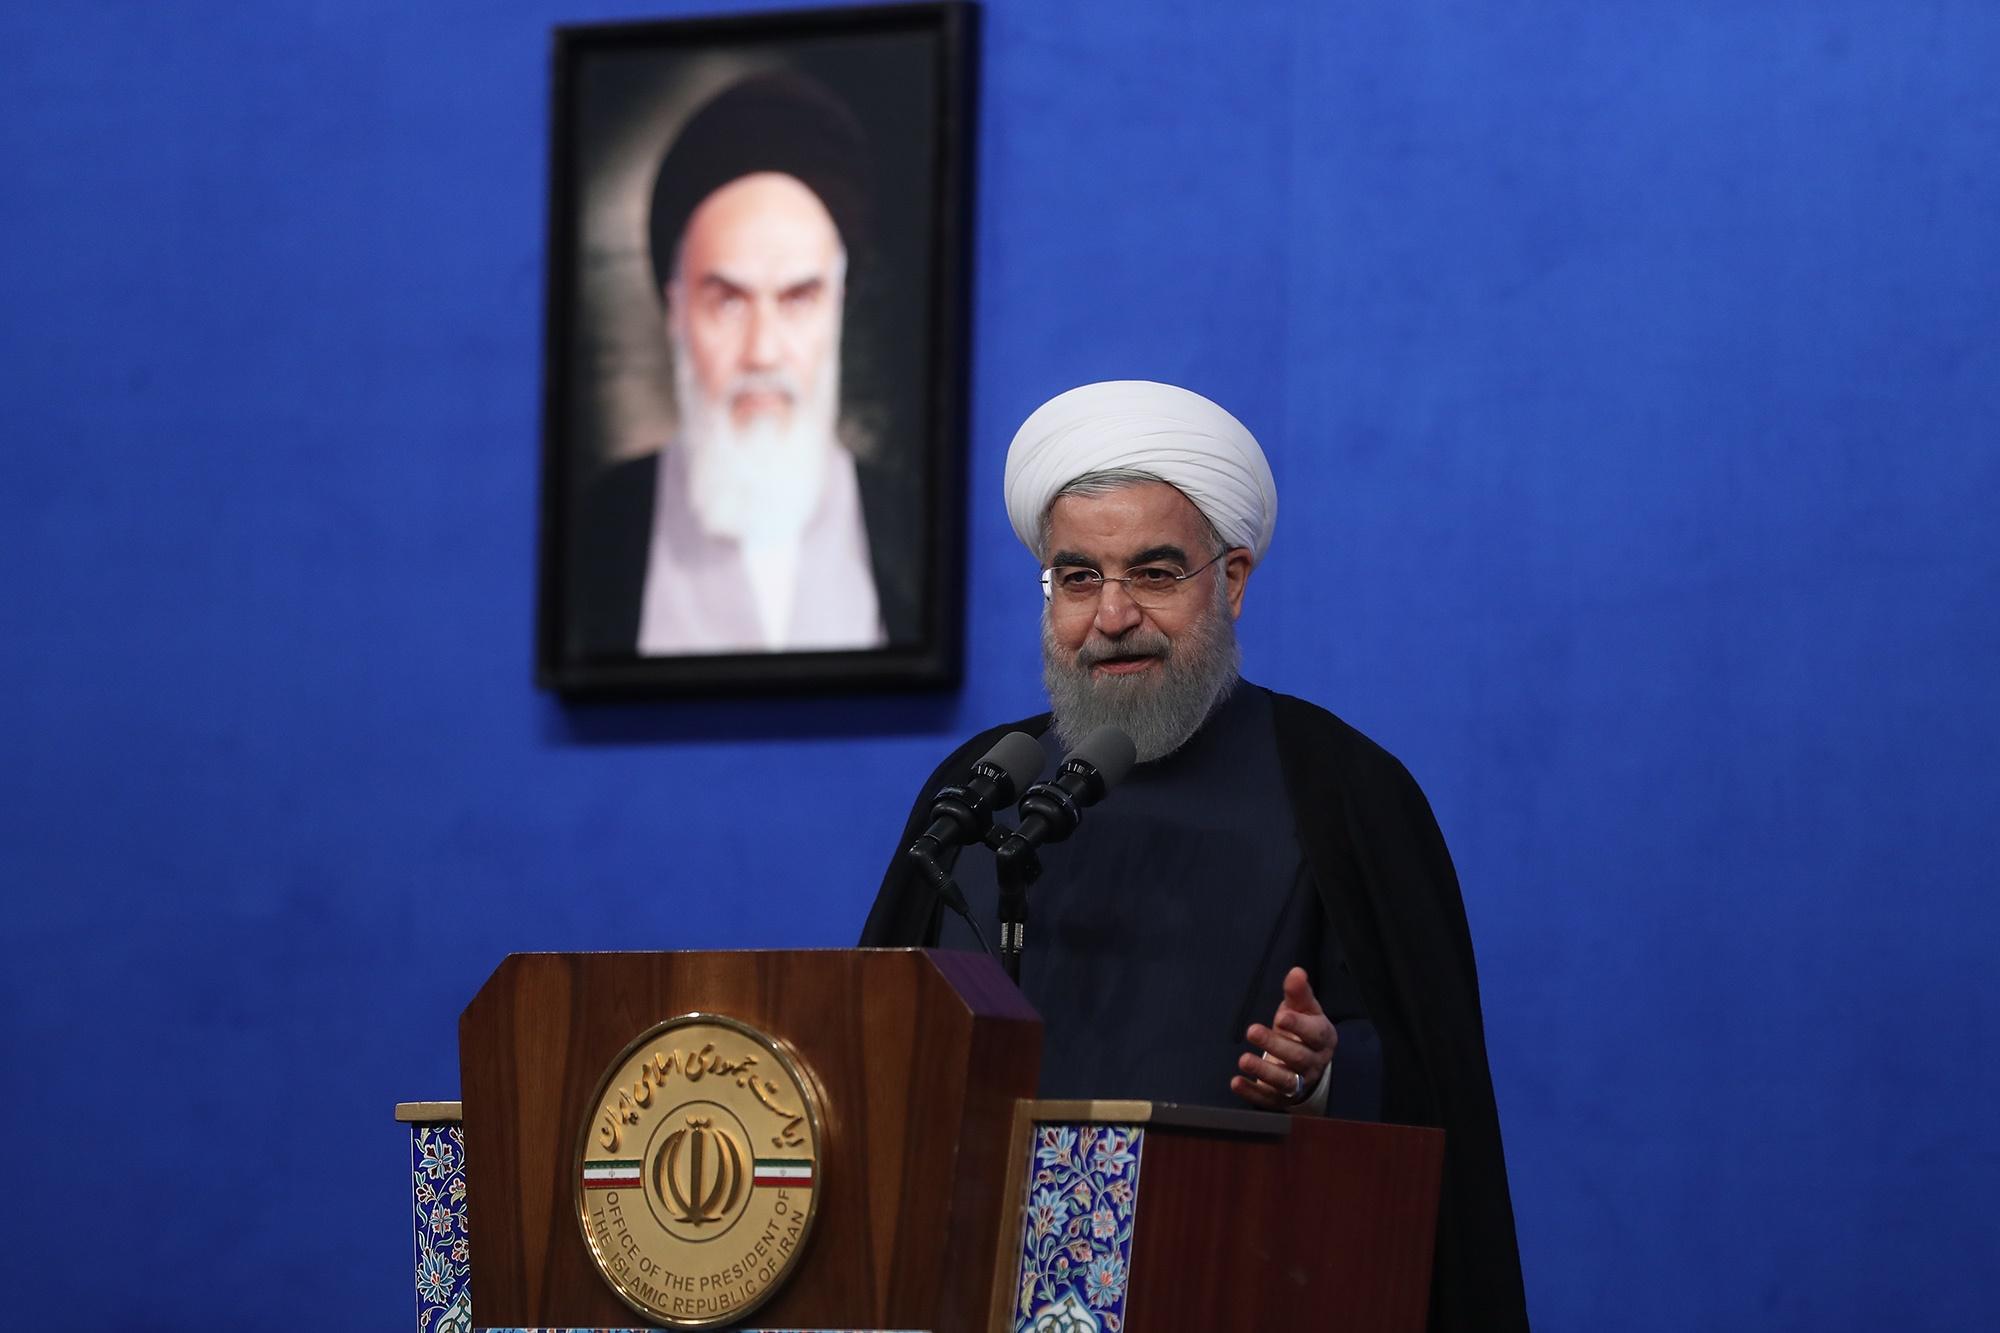 روحانی: قبل از اجرای طرح تحول نظام سلامت، جنازه مسلمان را به گروگان می گرفتند